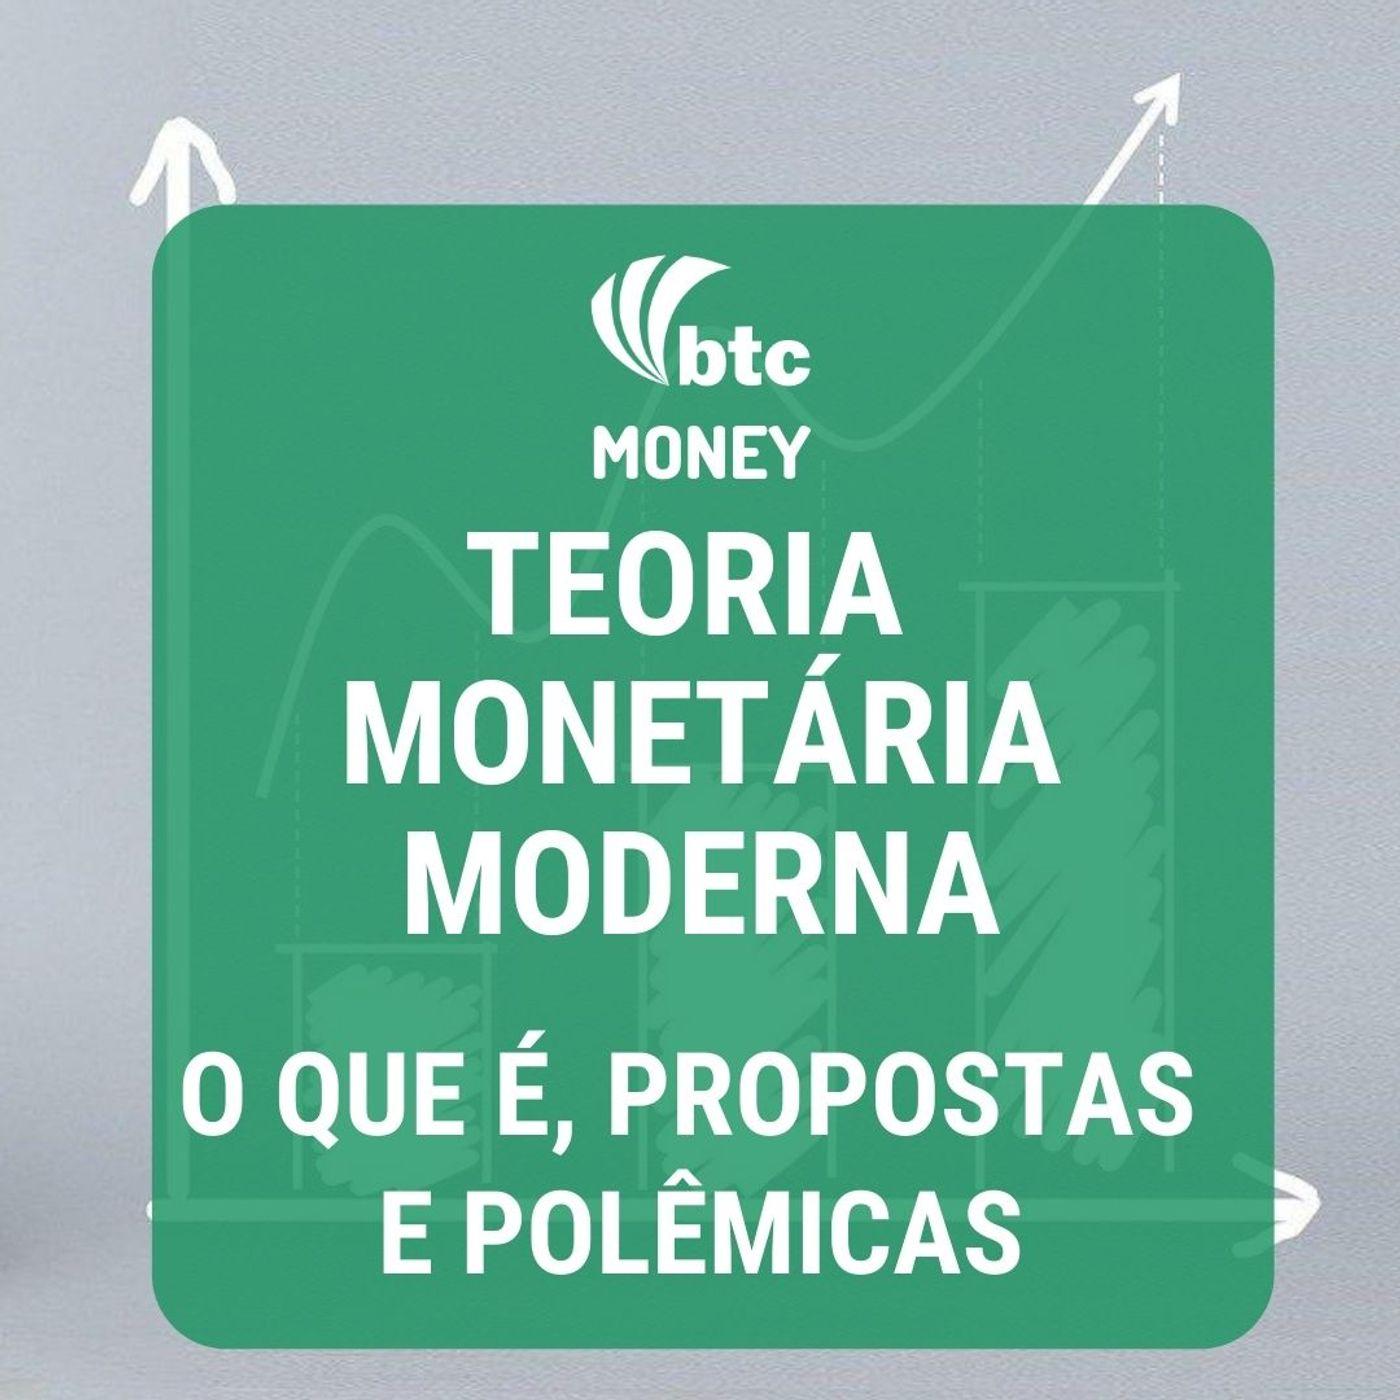 MMT - Teoria Monetária Moderna: O que é, propostas e polêmicas | BTC Money #30